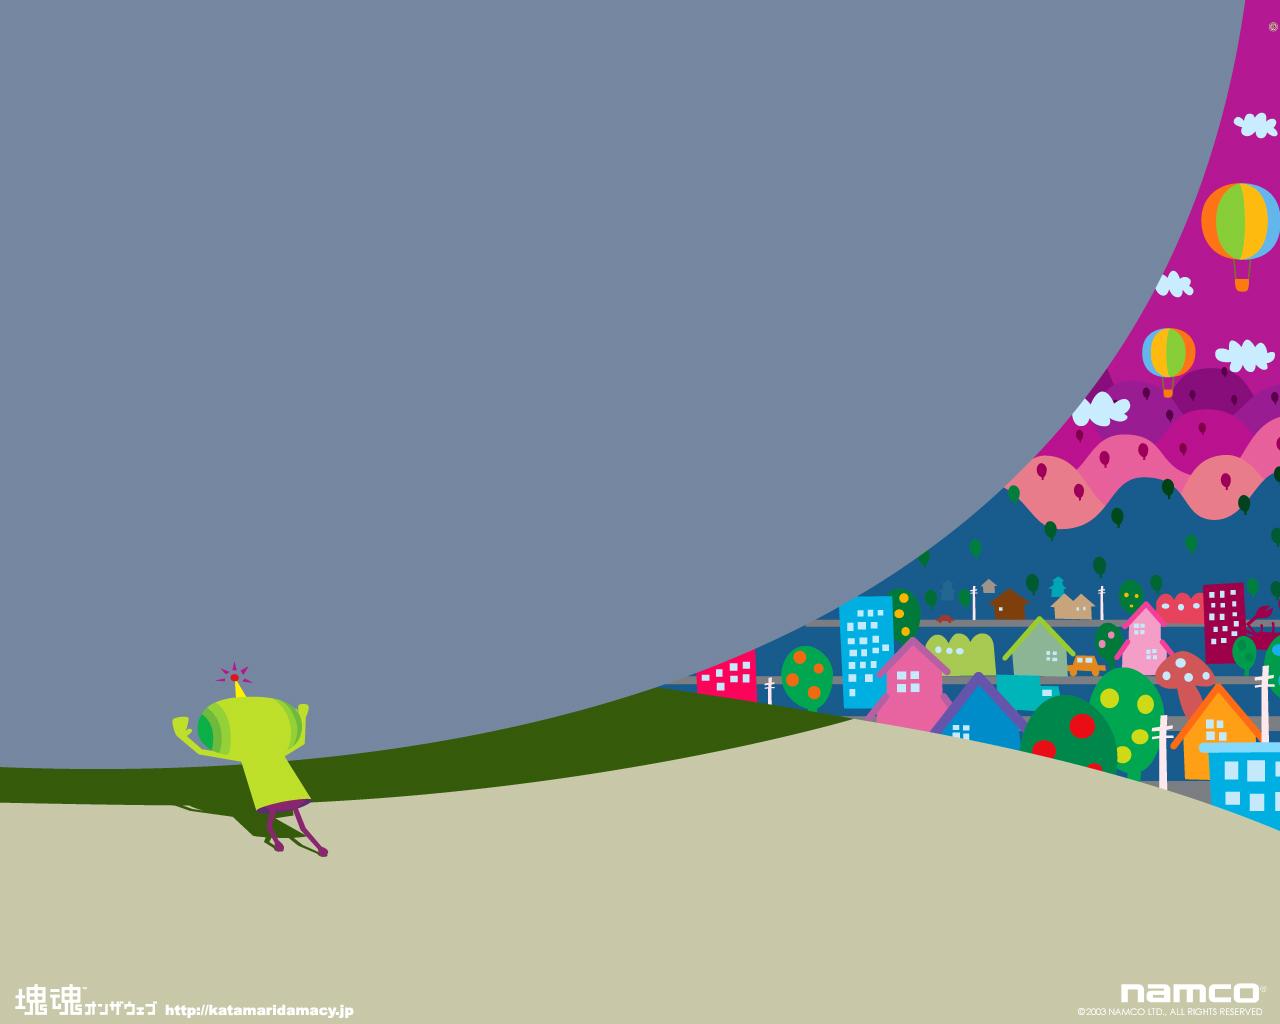 Katamari Damacy Computer Wallpapers Desktop Backgrounds 1280x1024 1280x1024